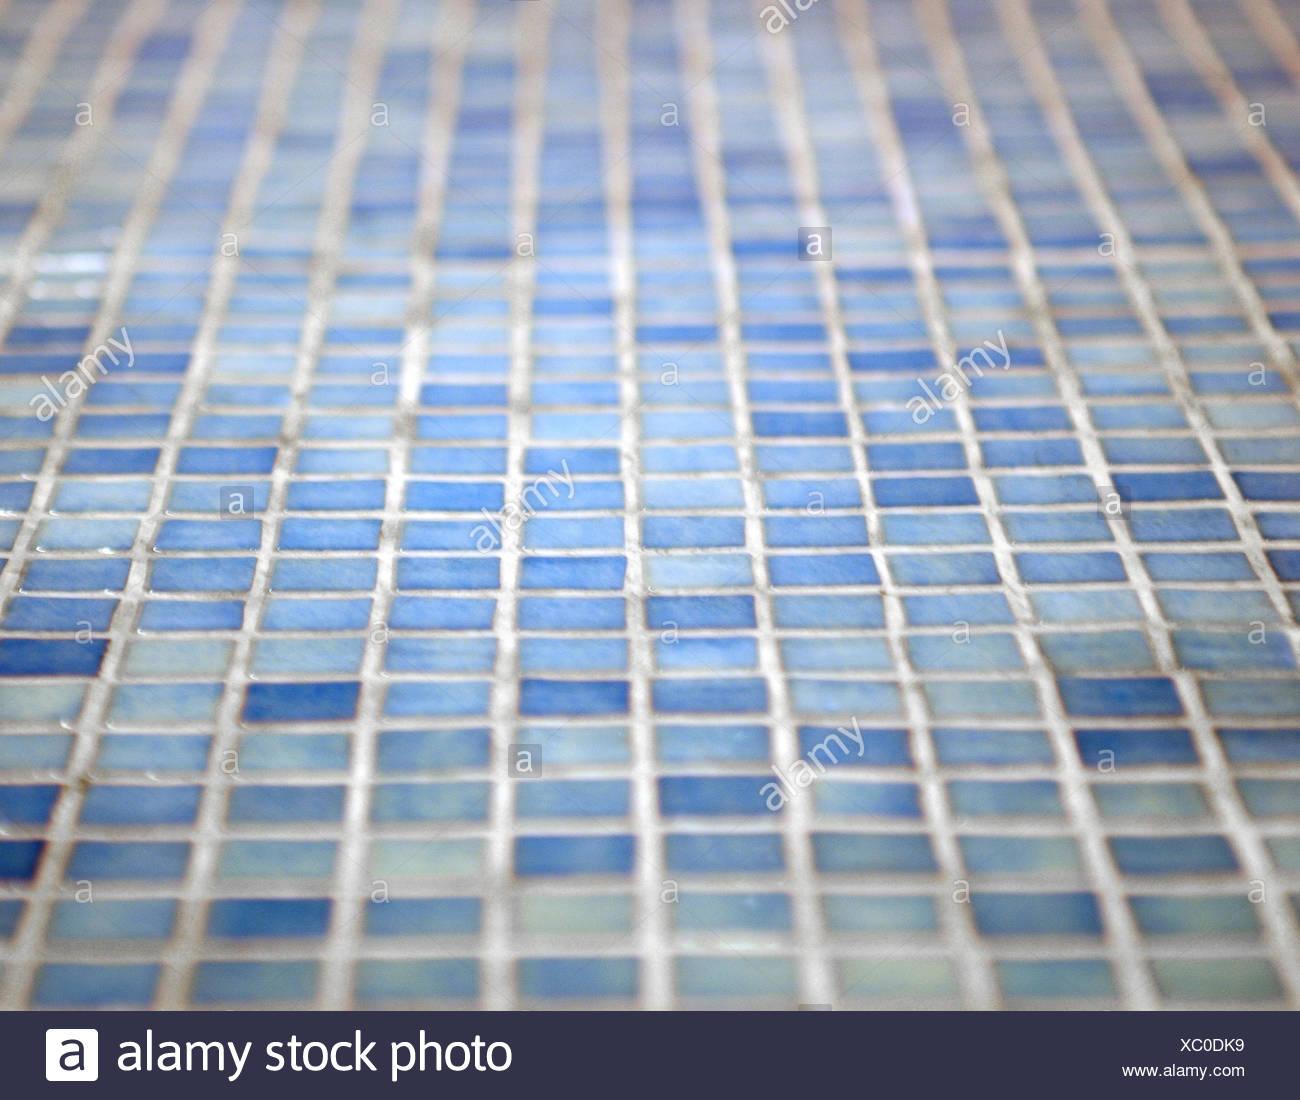 Piso De Mosaico Azul Piso Piso De Mosaico Baldosas Azulejos - Baldosas-y-azulejos